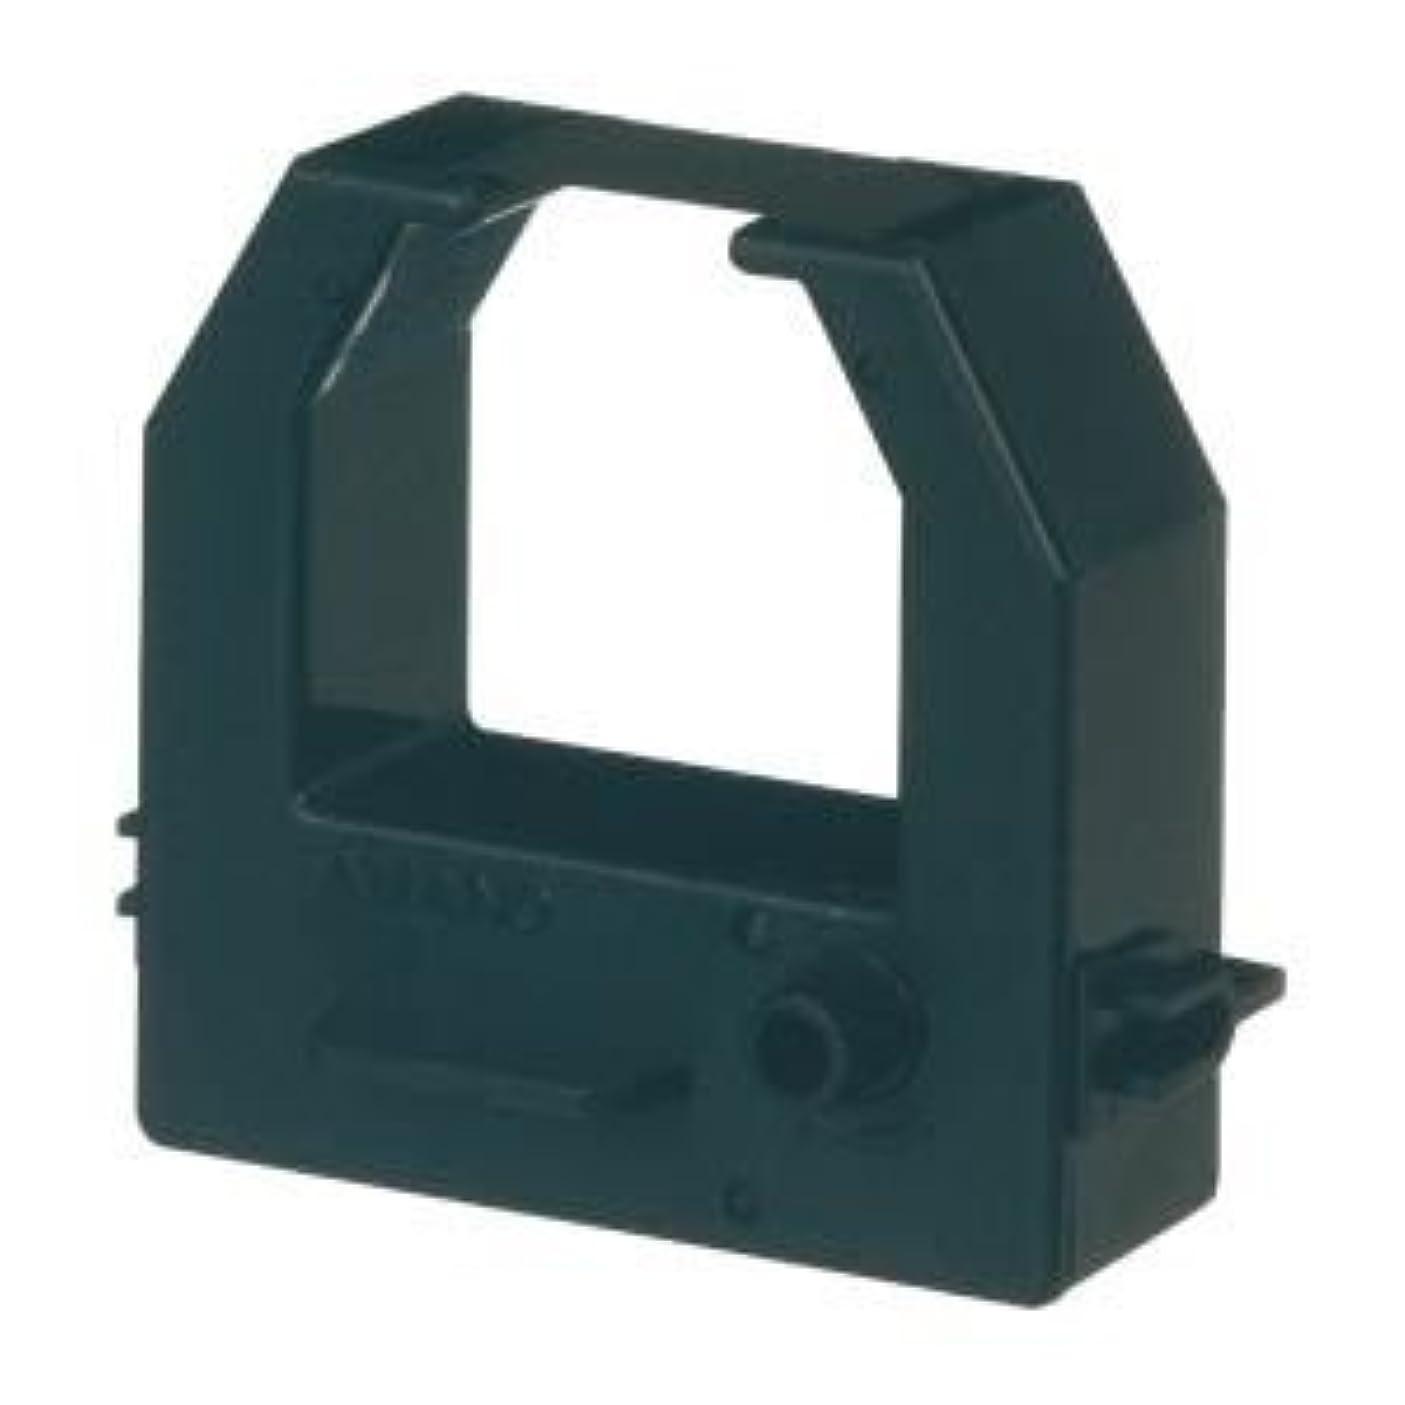 不合格奨励エキス(業務用セット) アマノ インクリボン CE-319250 黒 1個入 【×2セット】